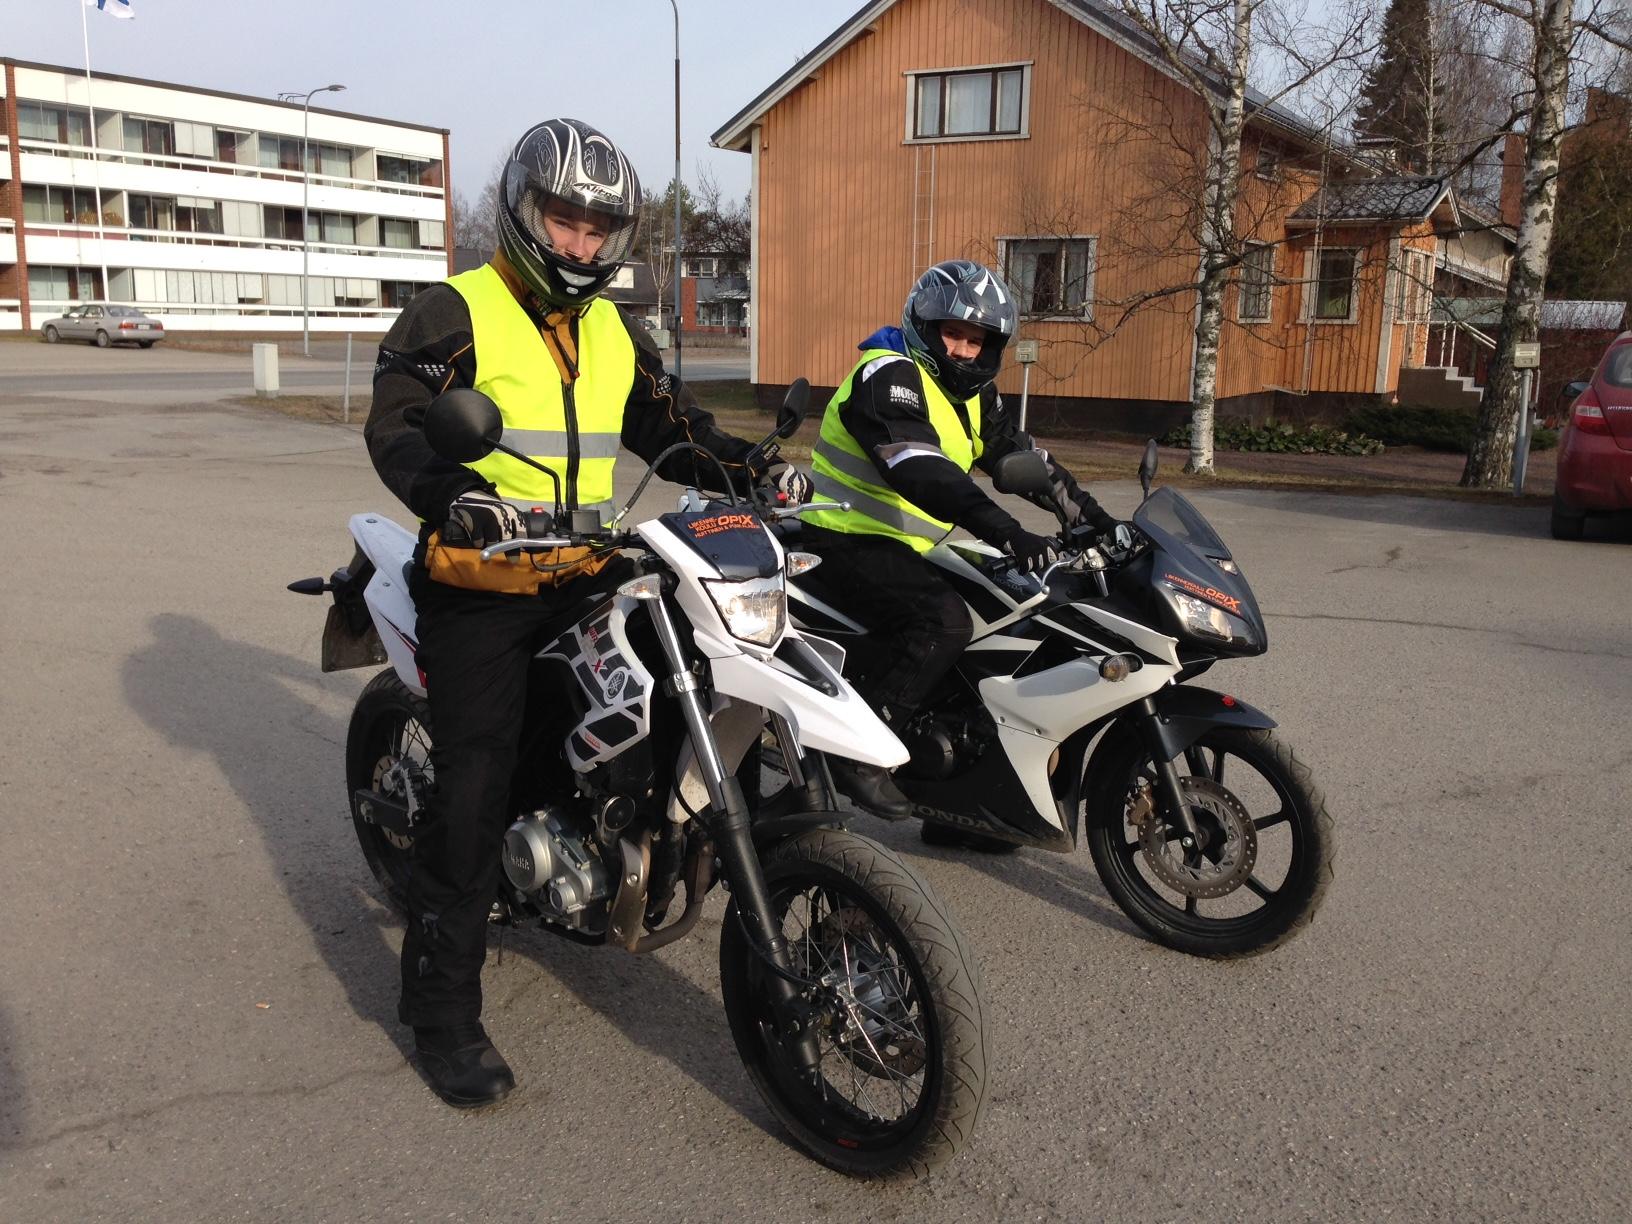 moottoripyöräkortti opetusluvalla 2015